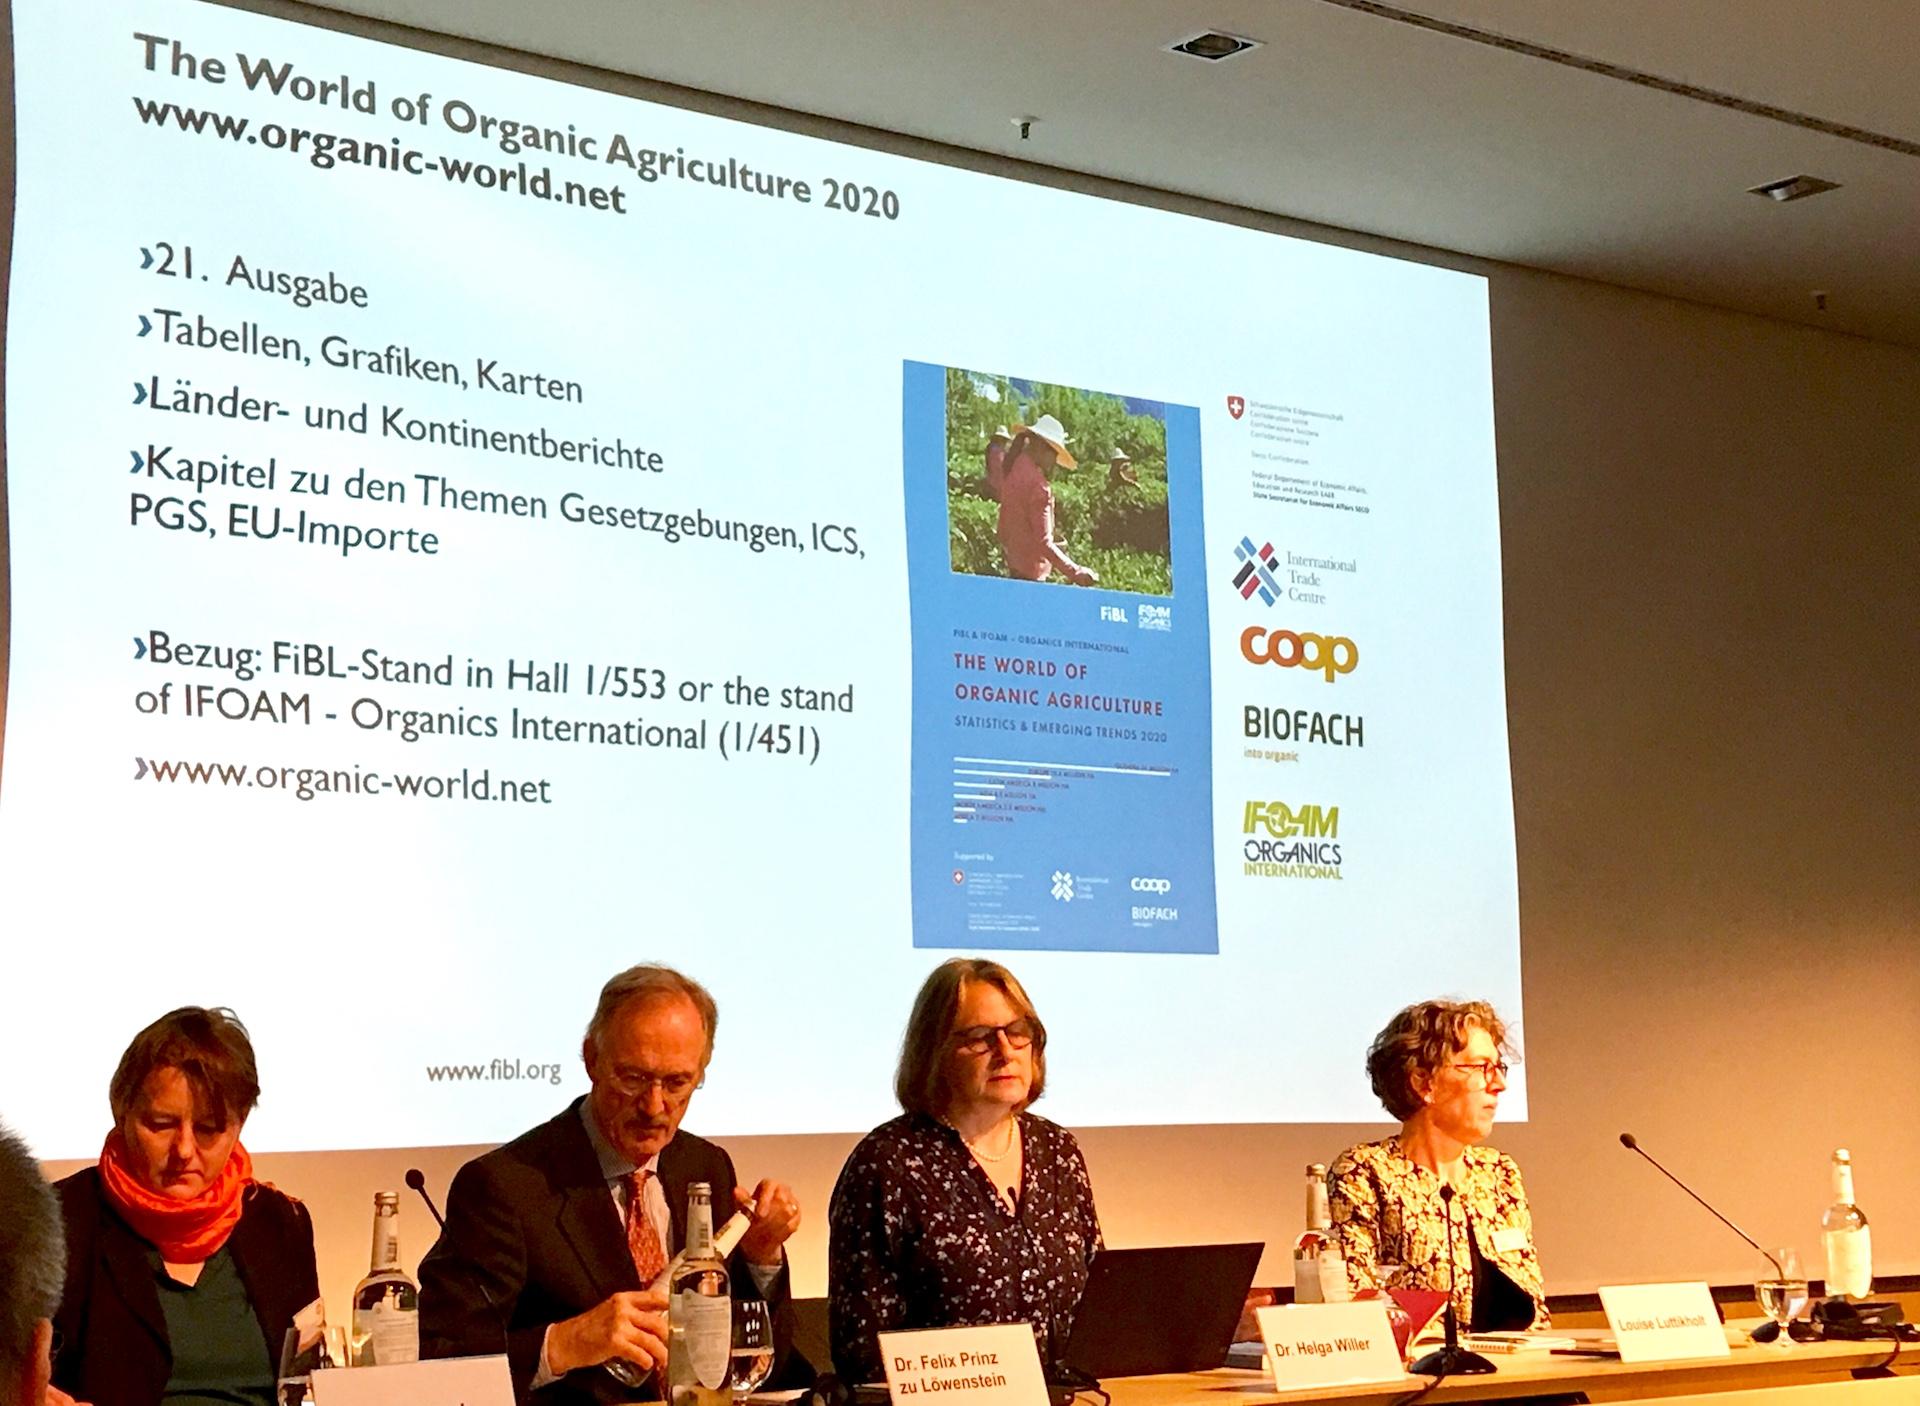 fot-zaneta-geltz-Nurnberg-messe-biofach-vivaness-happy-evolution-2020-IFOAM